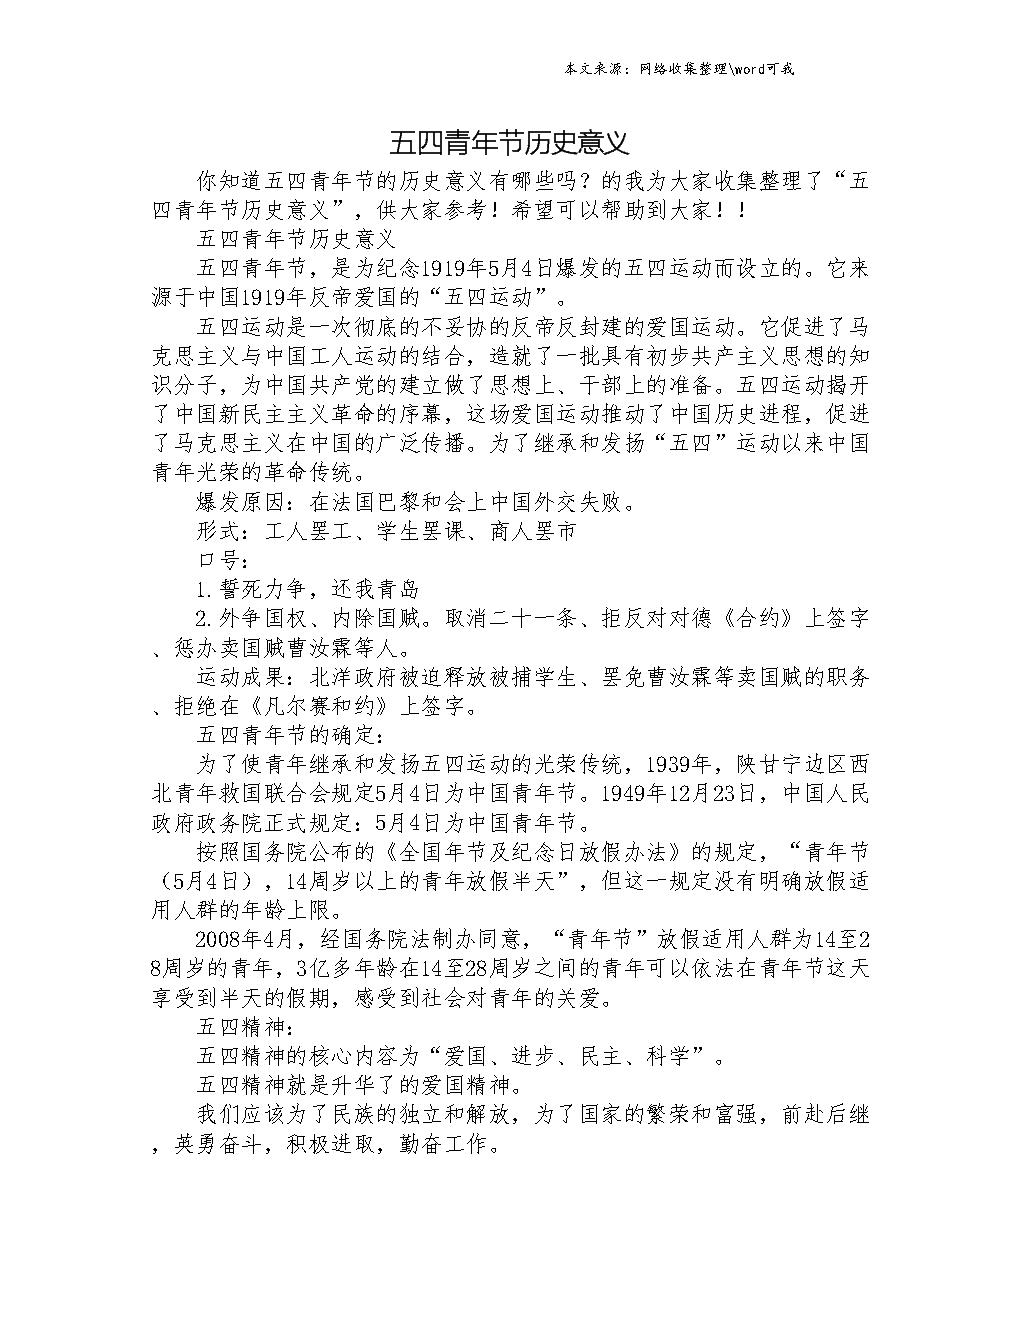 五四青年节历史意义 .doc